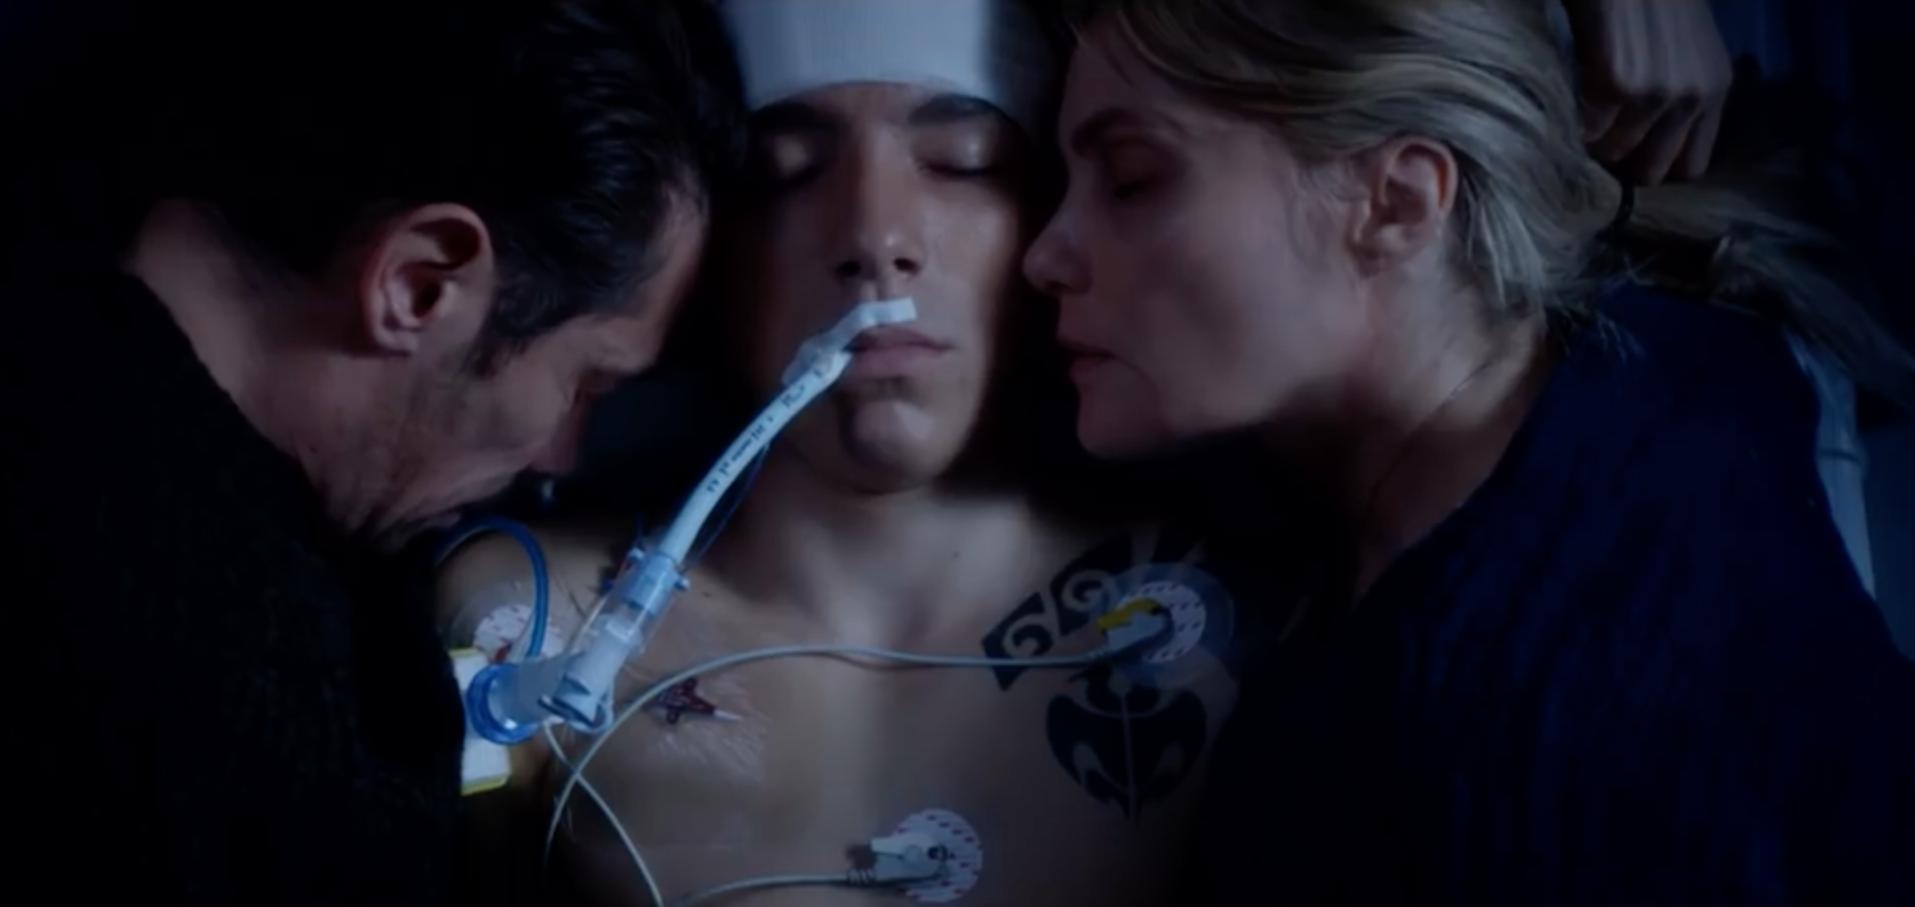 La película «Réparer les vivants» cuenta el proceso de las familias de los donantes y de los que aceptan los órganos.